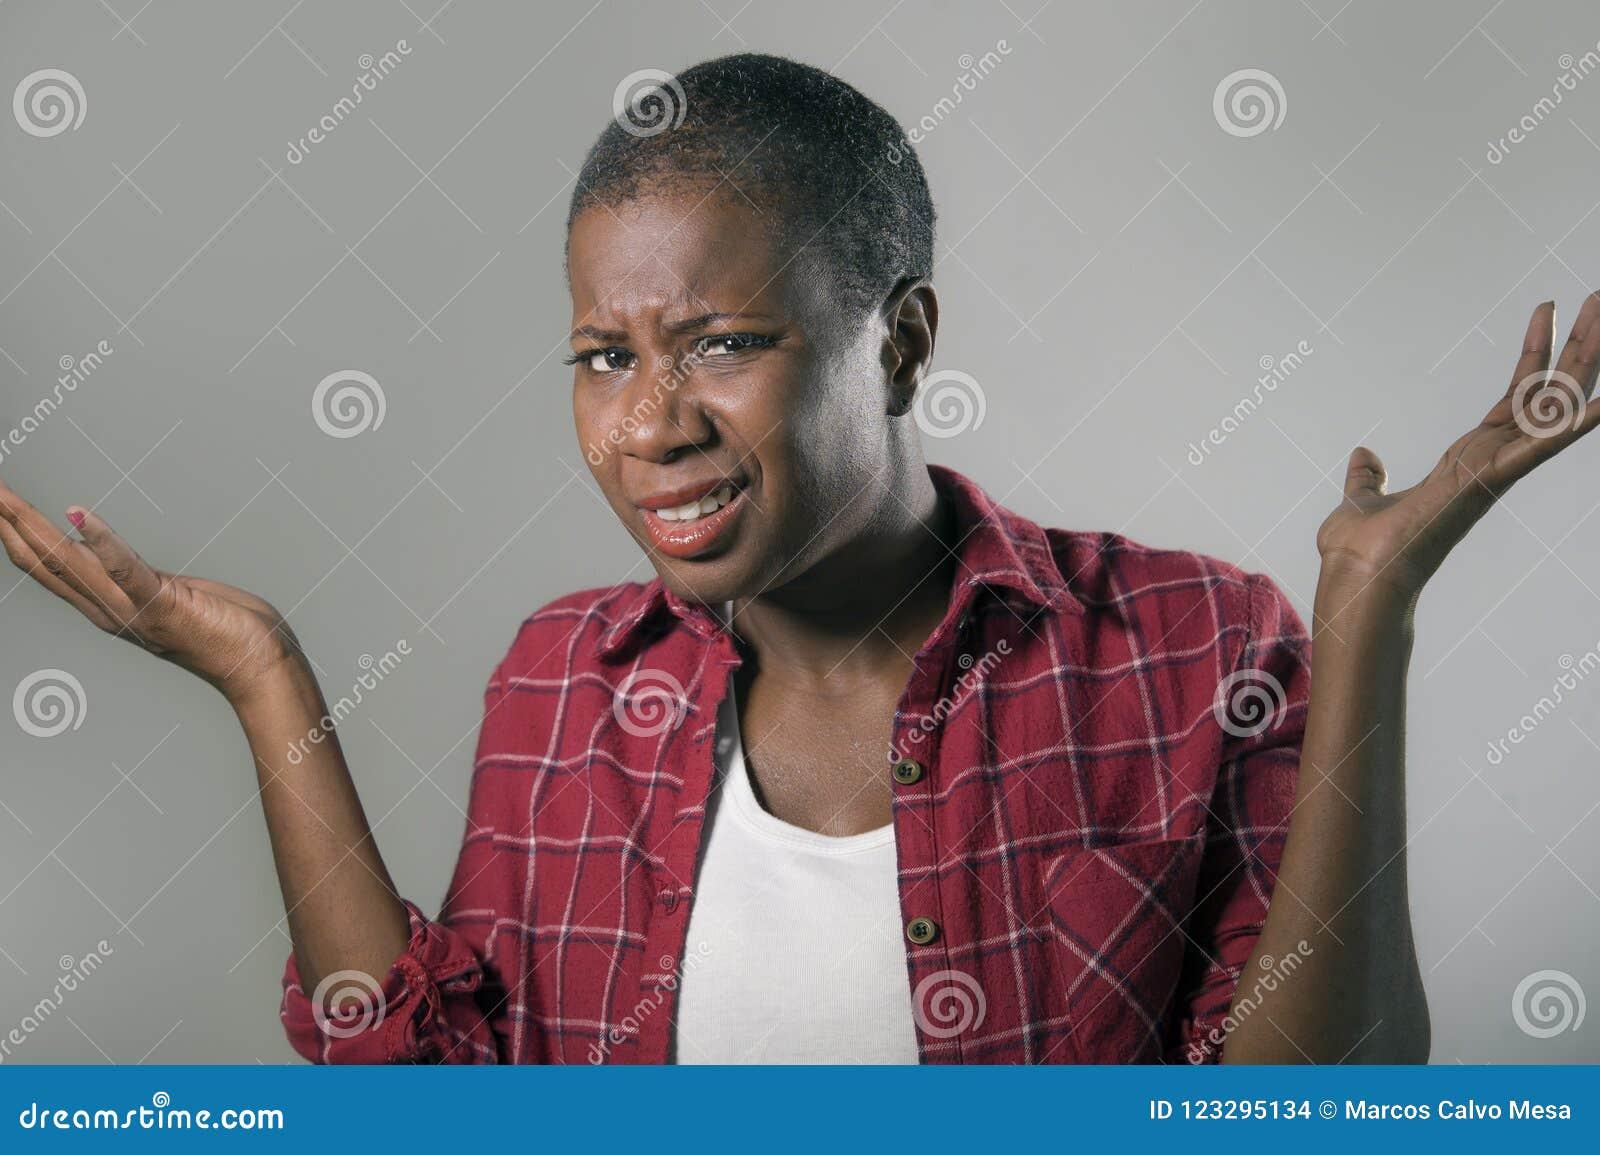 De levensstijl isoleerde portret van het jonge mooie en ongelukkige zwarte Afrikaanse Amerikaanse vrouw gesturing met handen en g